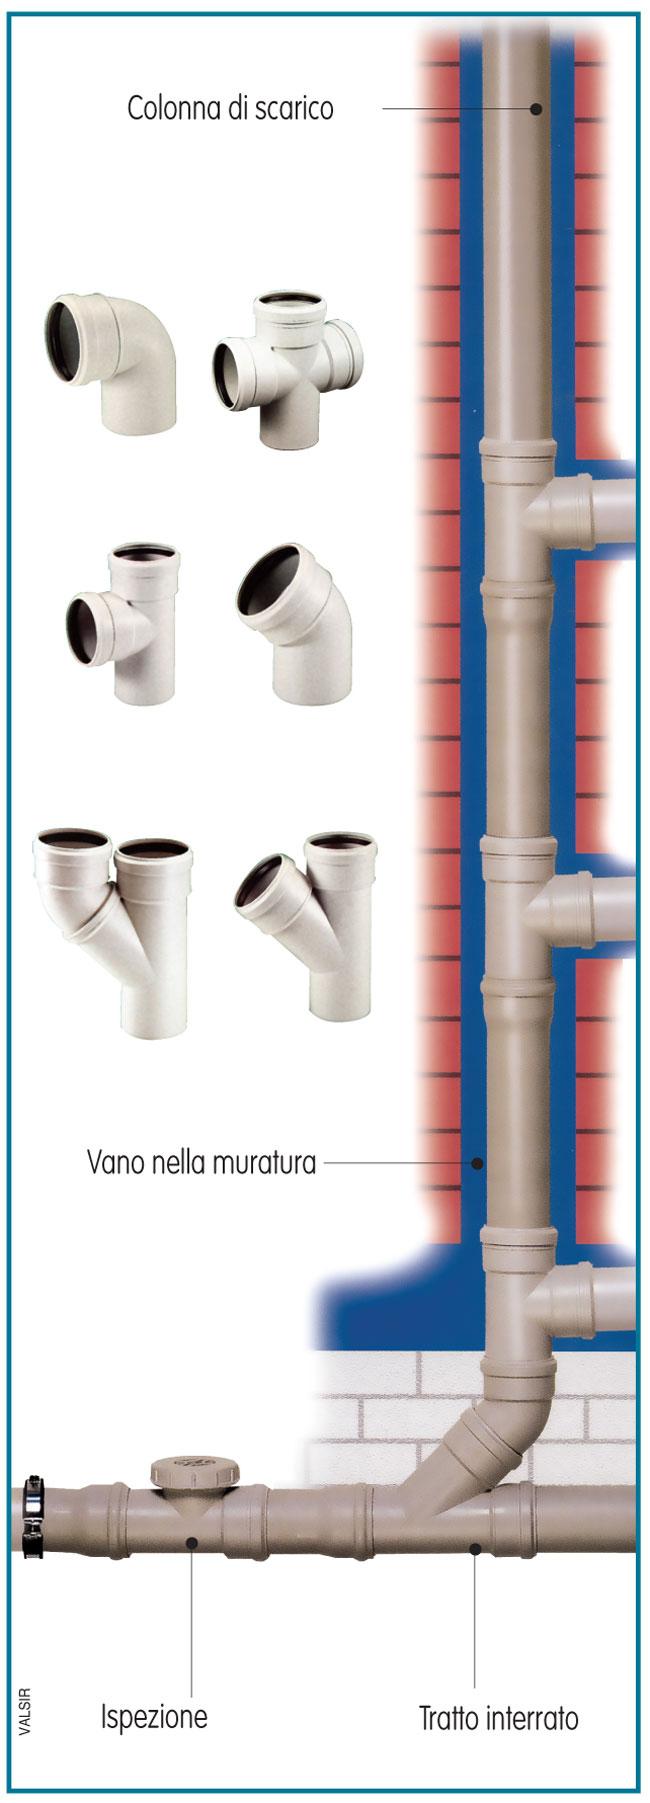 Rifare Impianto Idraulico Casa come è strutturato un impianto di scarico domestico